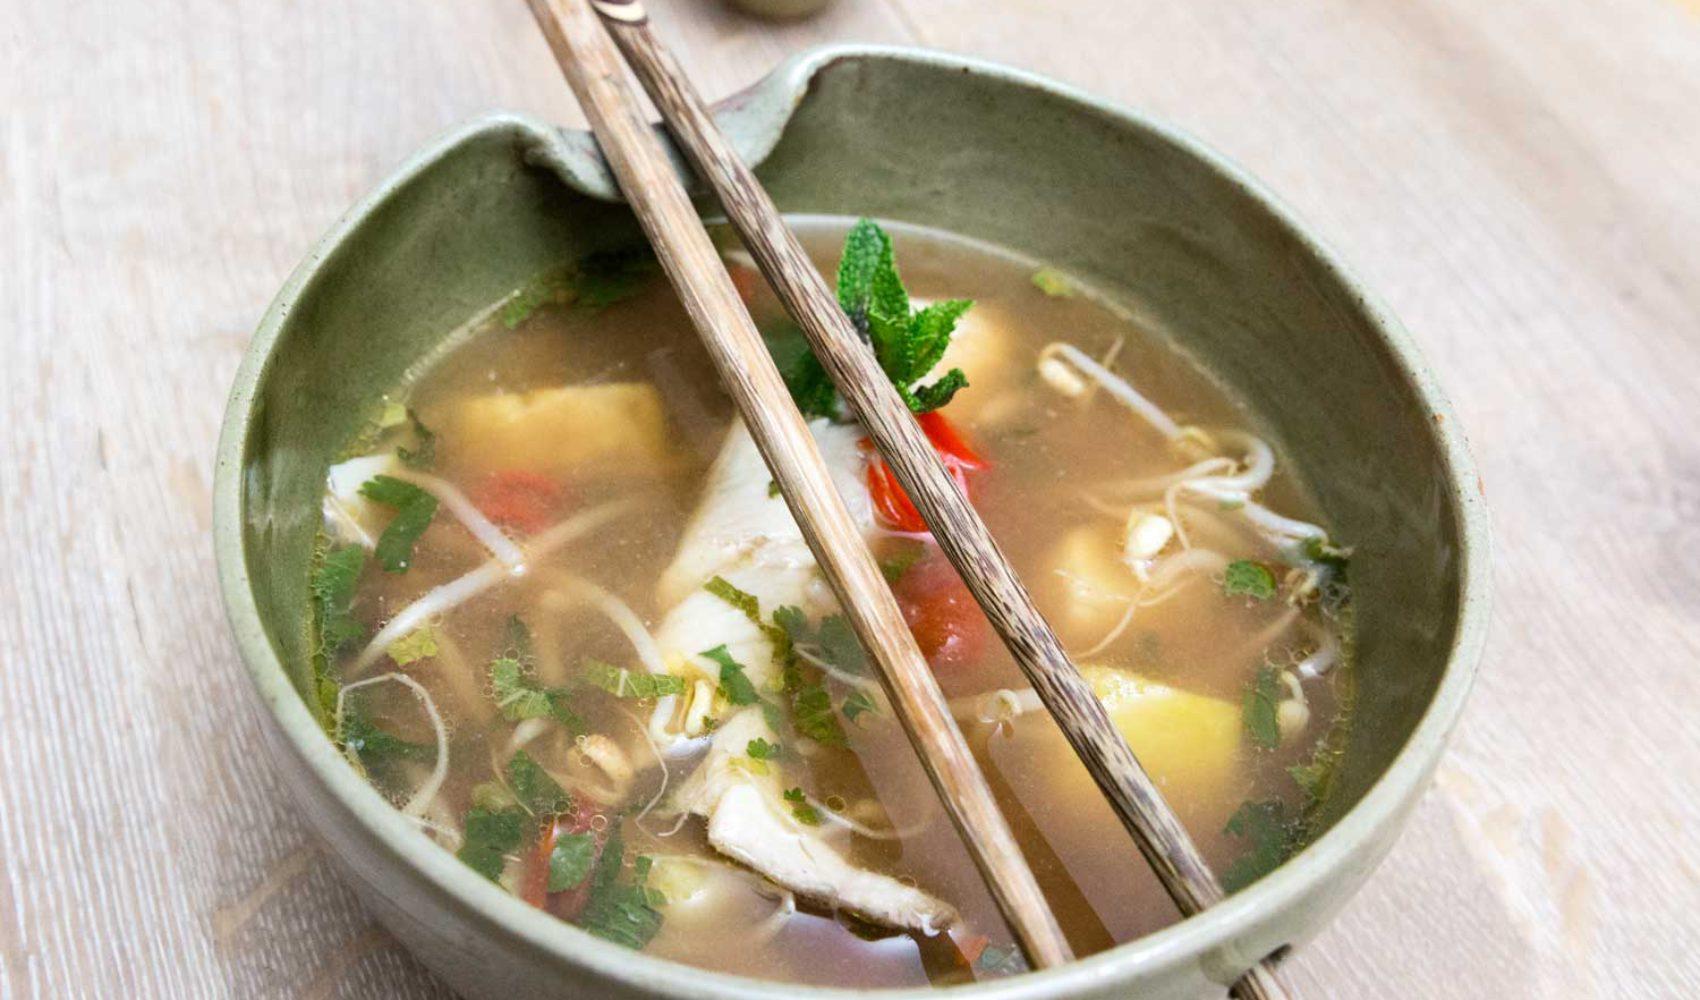 Saure Fischsuppe mit Ananas und Bambussprossen - Rezepte aus Kambodscha